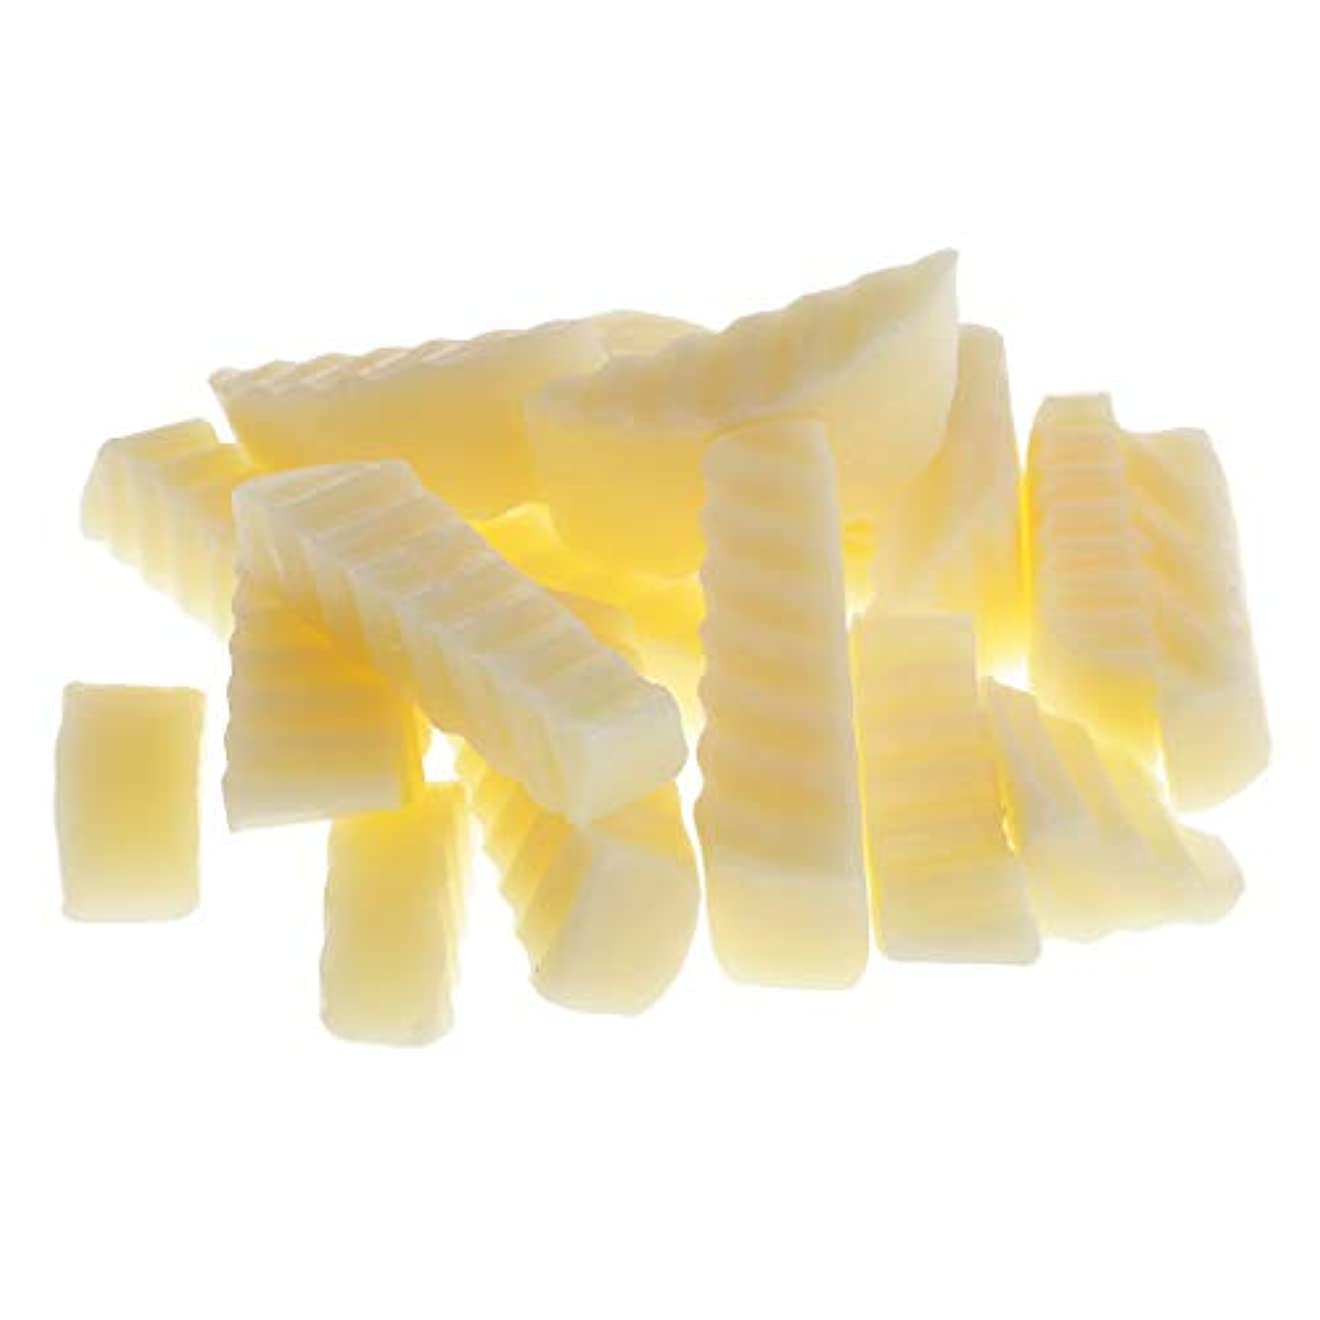 Perfeclan 約250g /パック ラノリン石鹸 自然な素材 DIY手作り 石鹸 固形せっけん 使いやすい